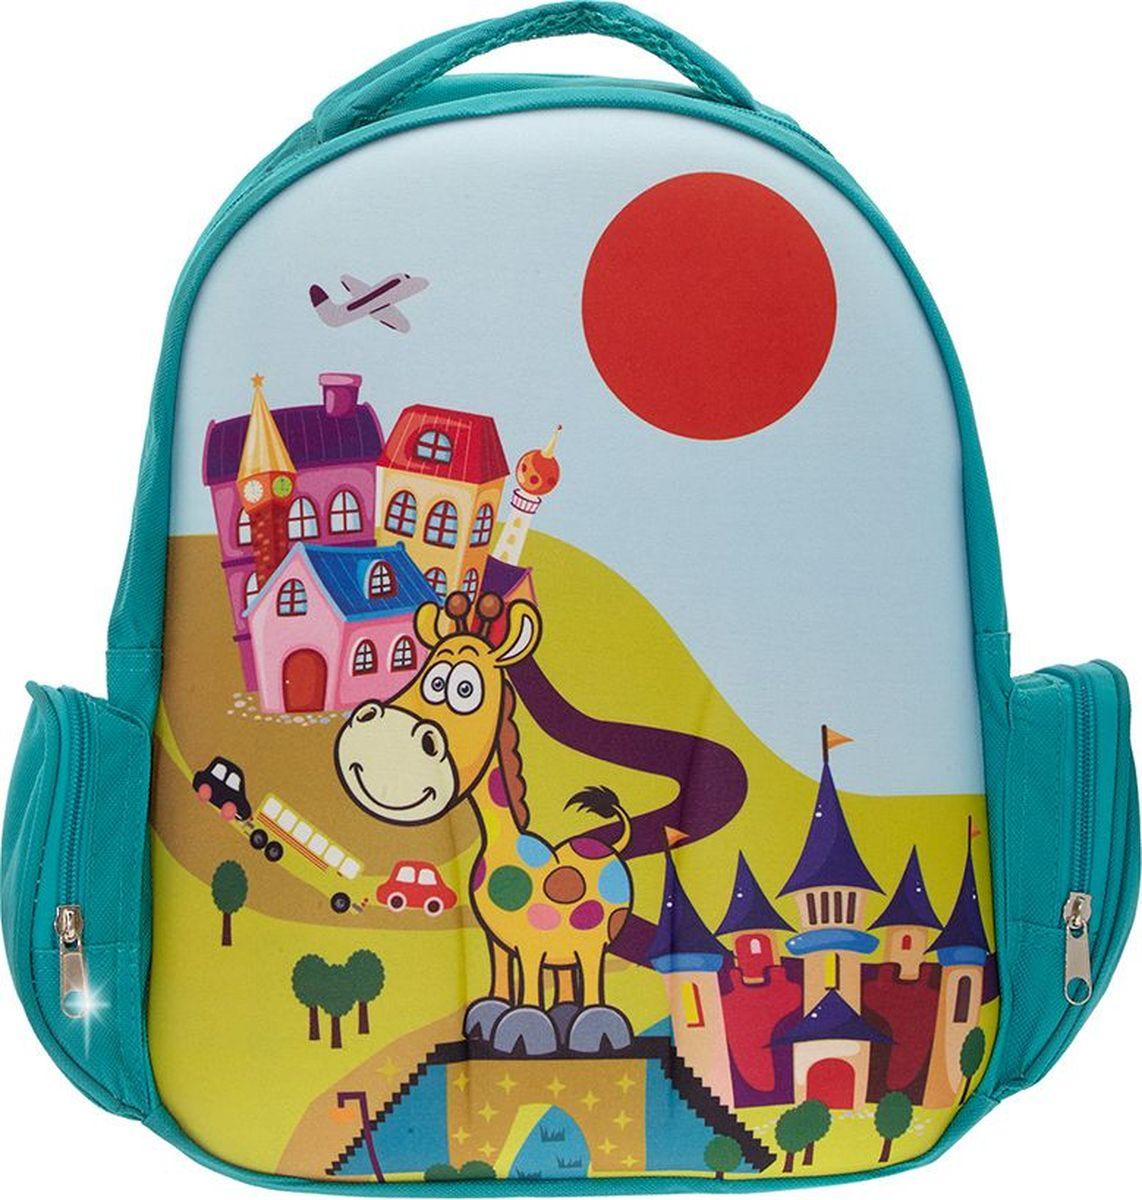 3D Bags Рюкзак детский Жираф72523WDИдеально подходят для хранения важных и необходимых вещей, которые так необходимы маленьким героям на детской площадке, во время прогулки или на пикнике. Сделан из прочного, износоустойчивого полиэстера. Просторный внутренний отсек будет очень удобен в использовании. Лицевая сторона рюкзака на прочной основе выполнена в виде веселой детской картинки, которая всегда будет радовать Вашего малыша. Отлично подходит для детей от 2-х до 5-ти лет.